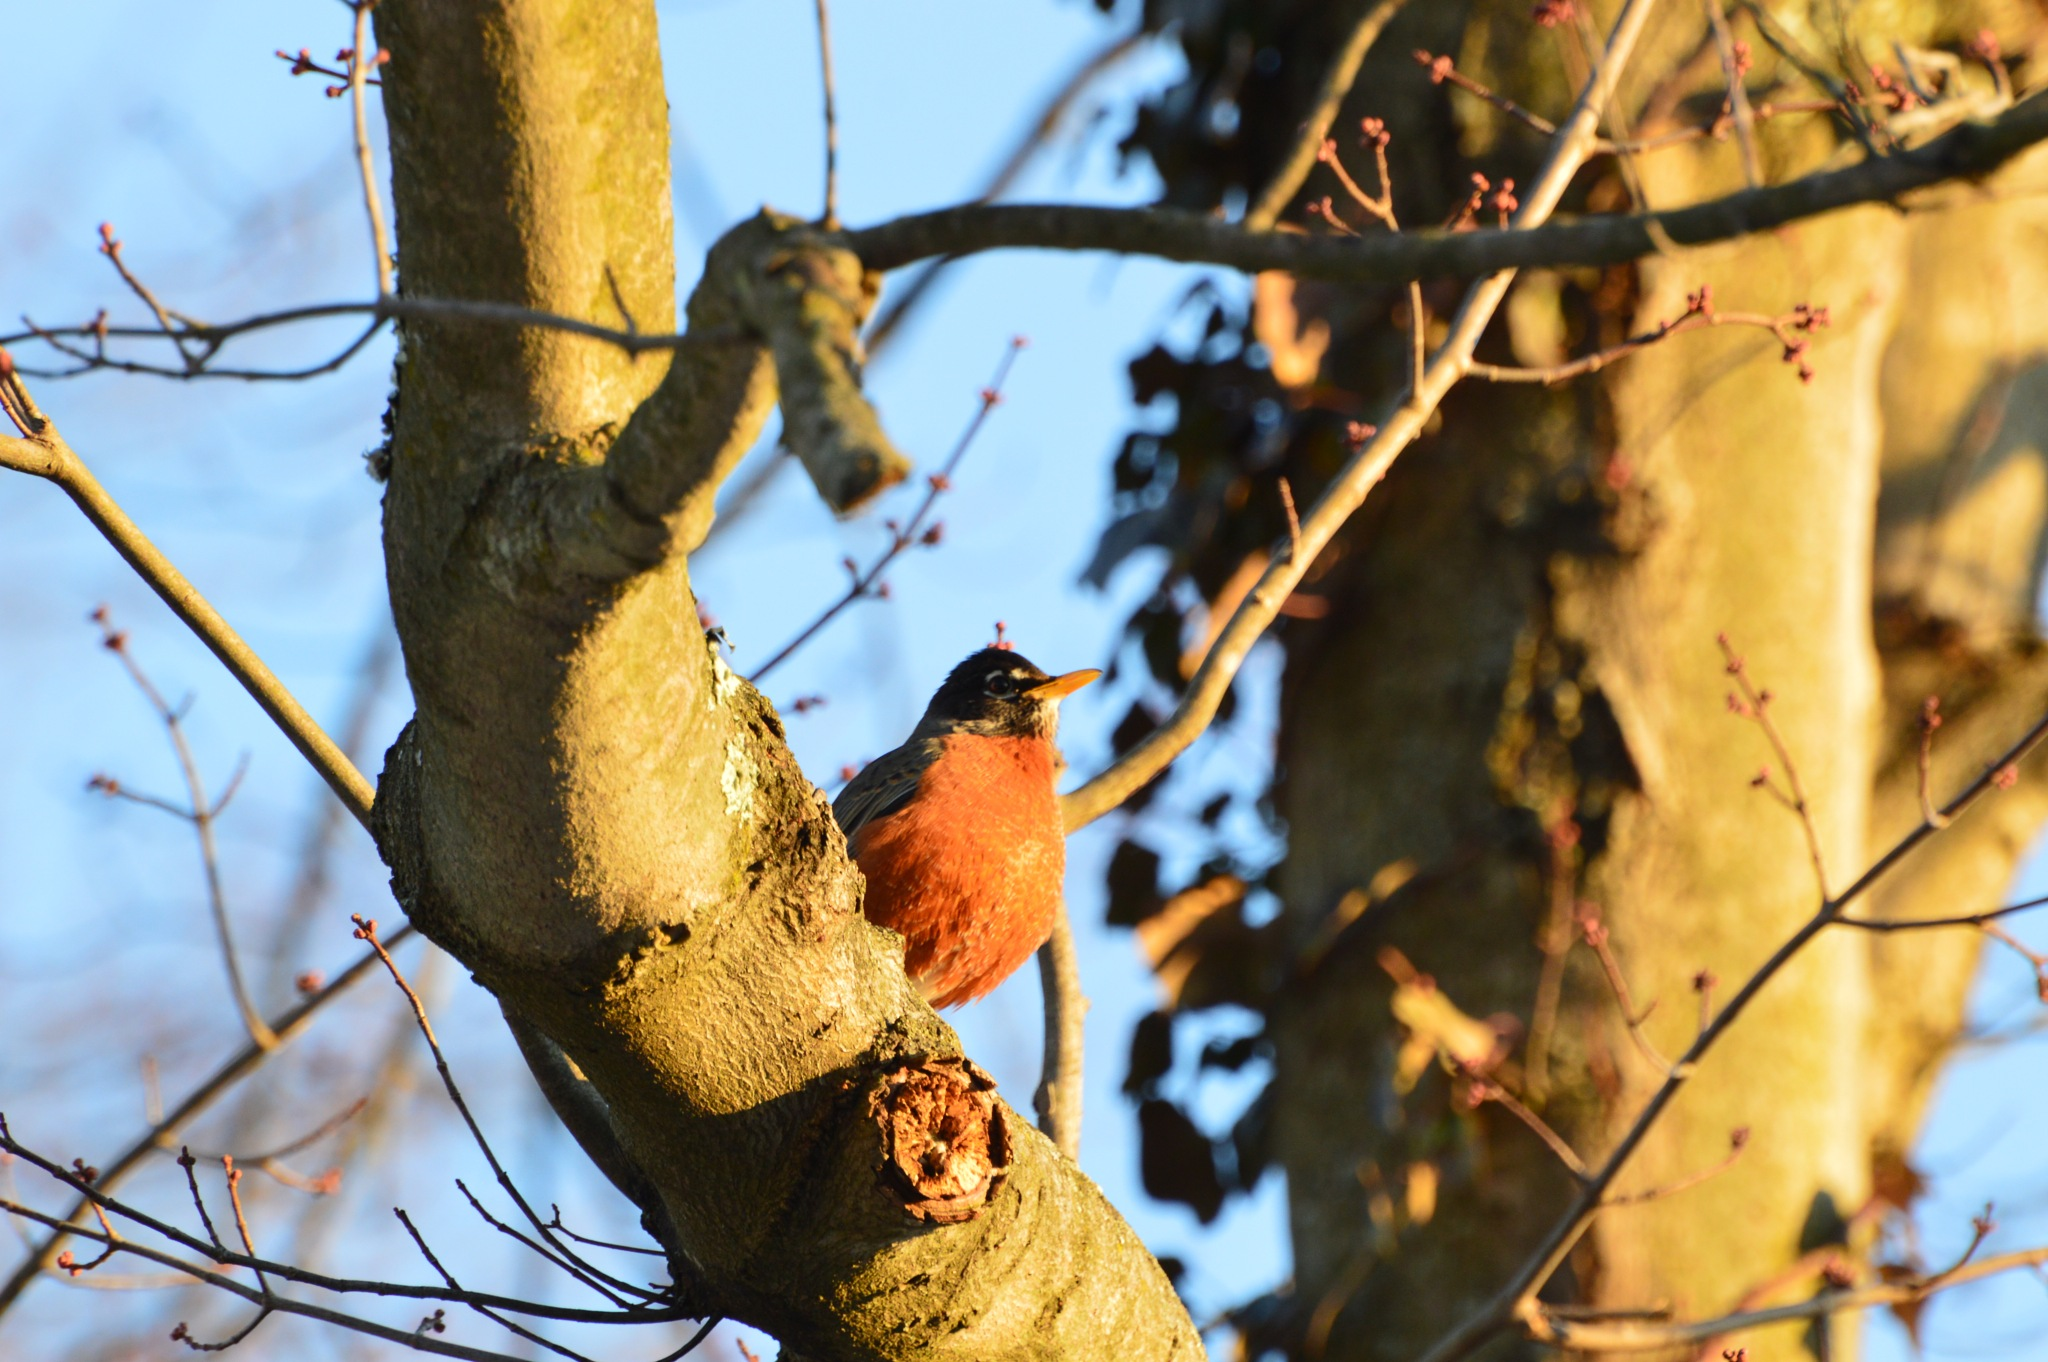 Robin by ERock23